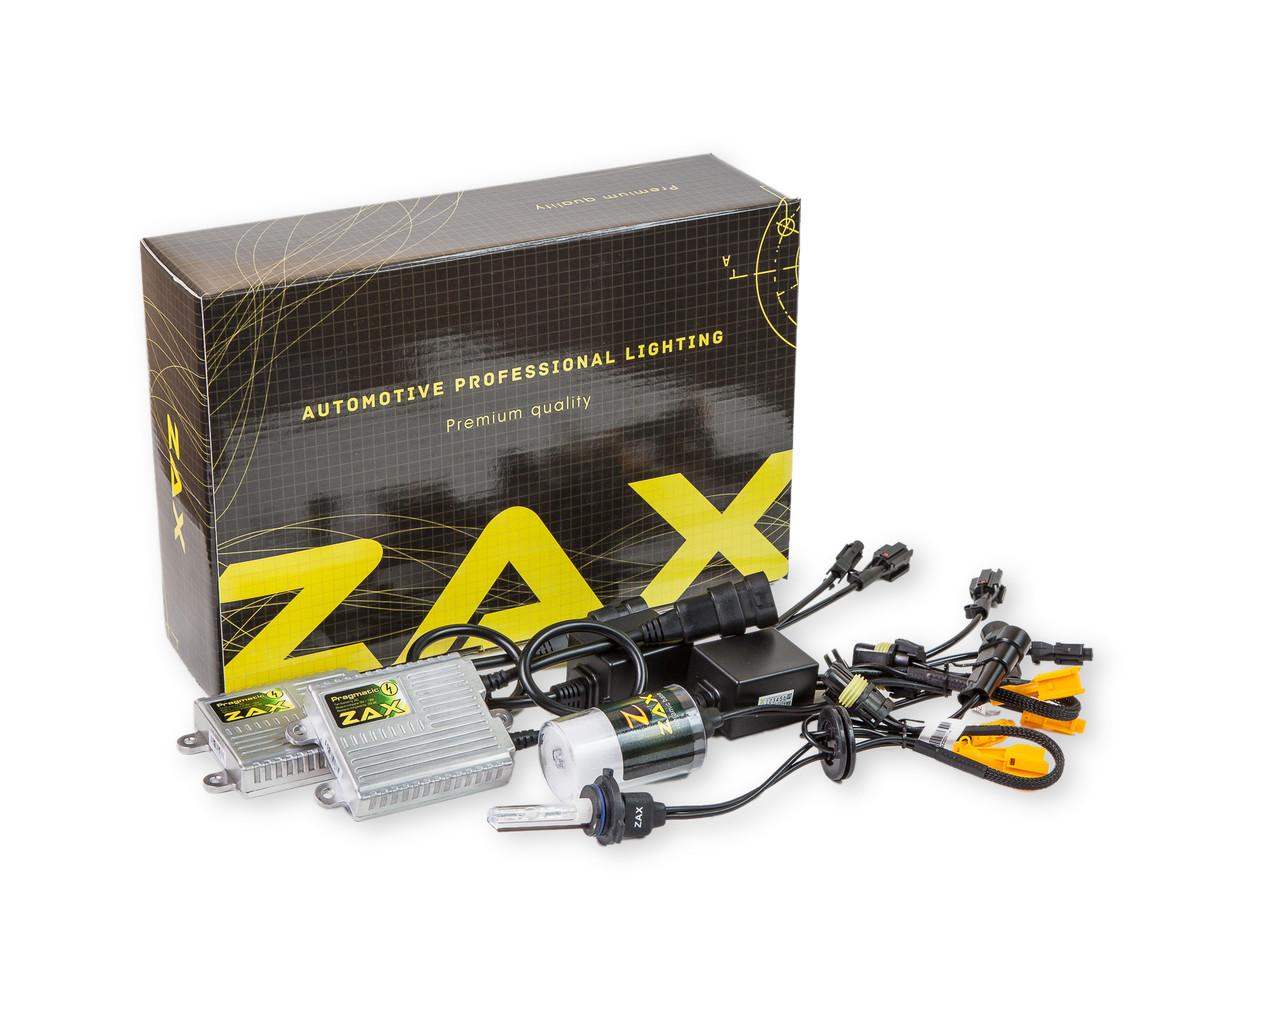 Комплект ксенона ZAX Pragmatic 35W 9-16V HB4 (9006) Ceramic 4300K